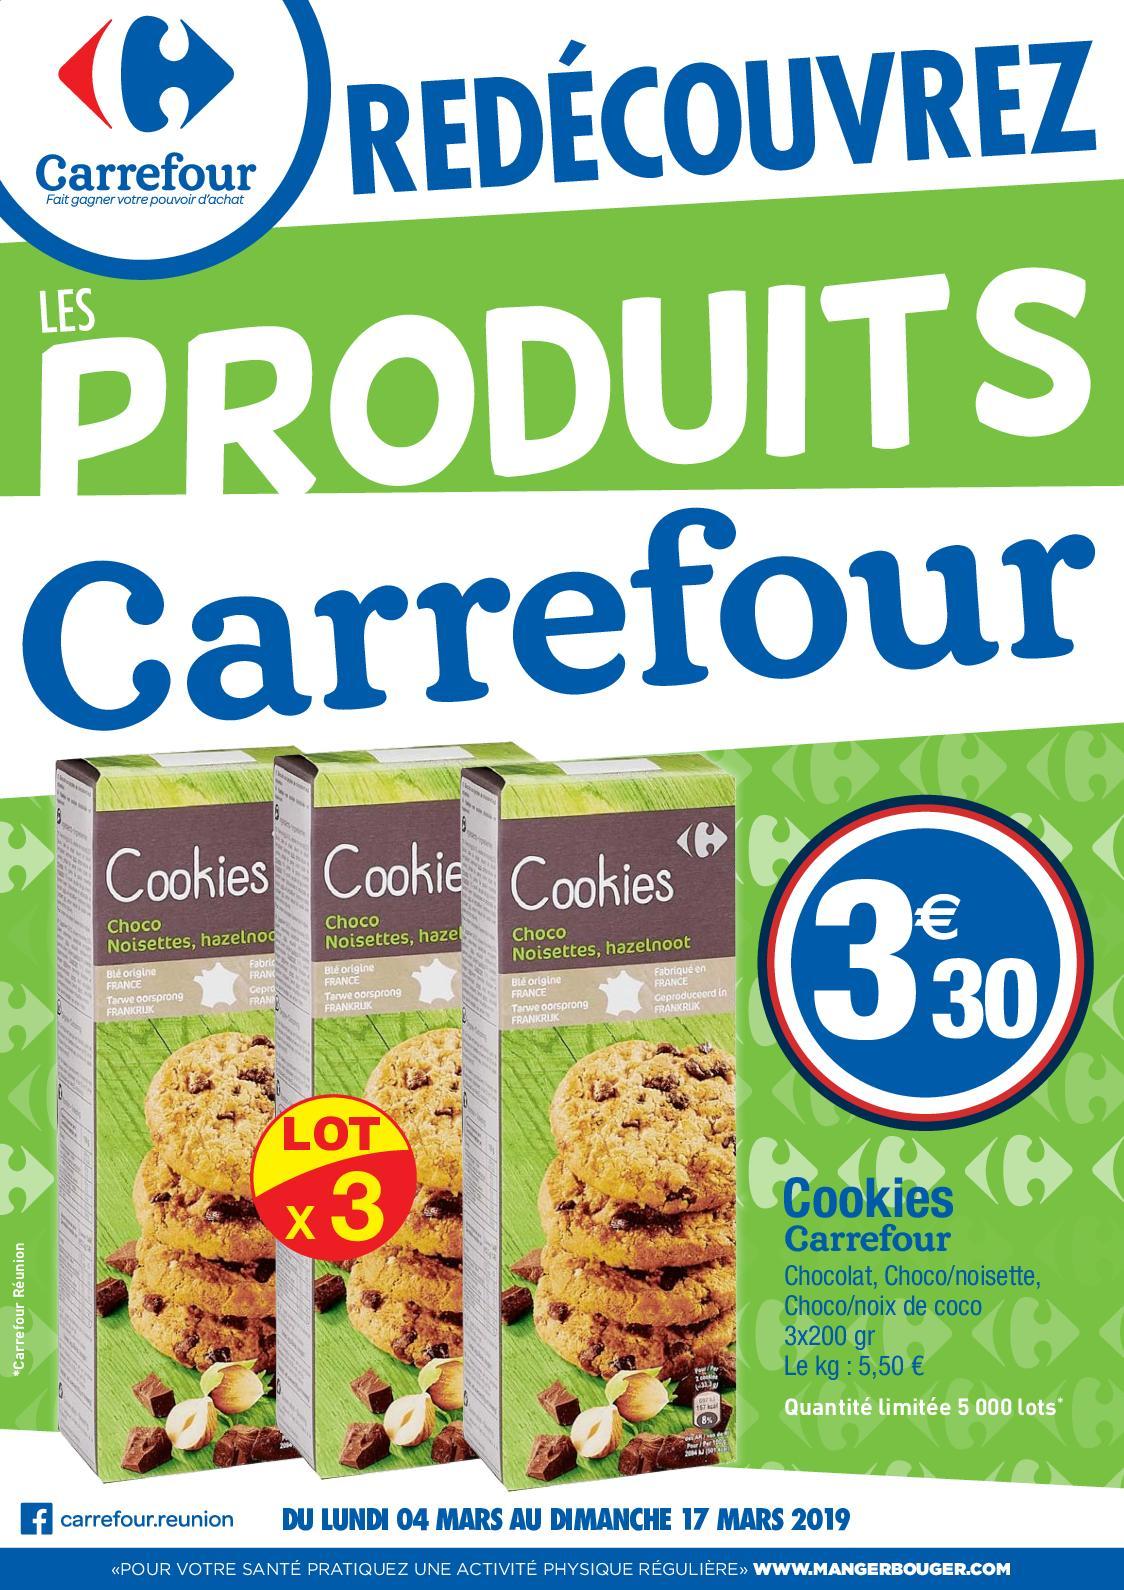 Calameo Redecouvrez Les Produits Carrefour